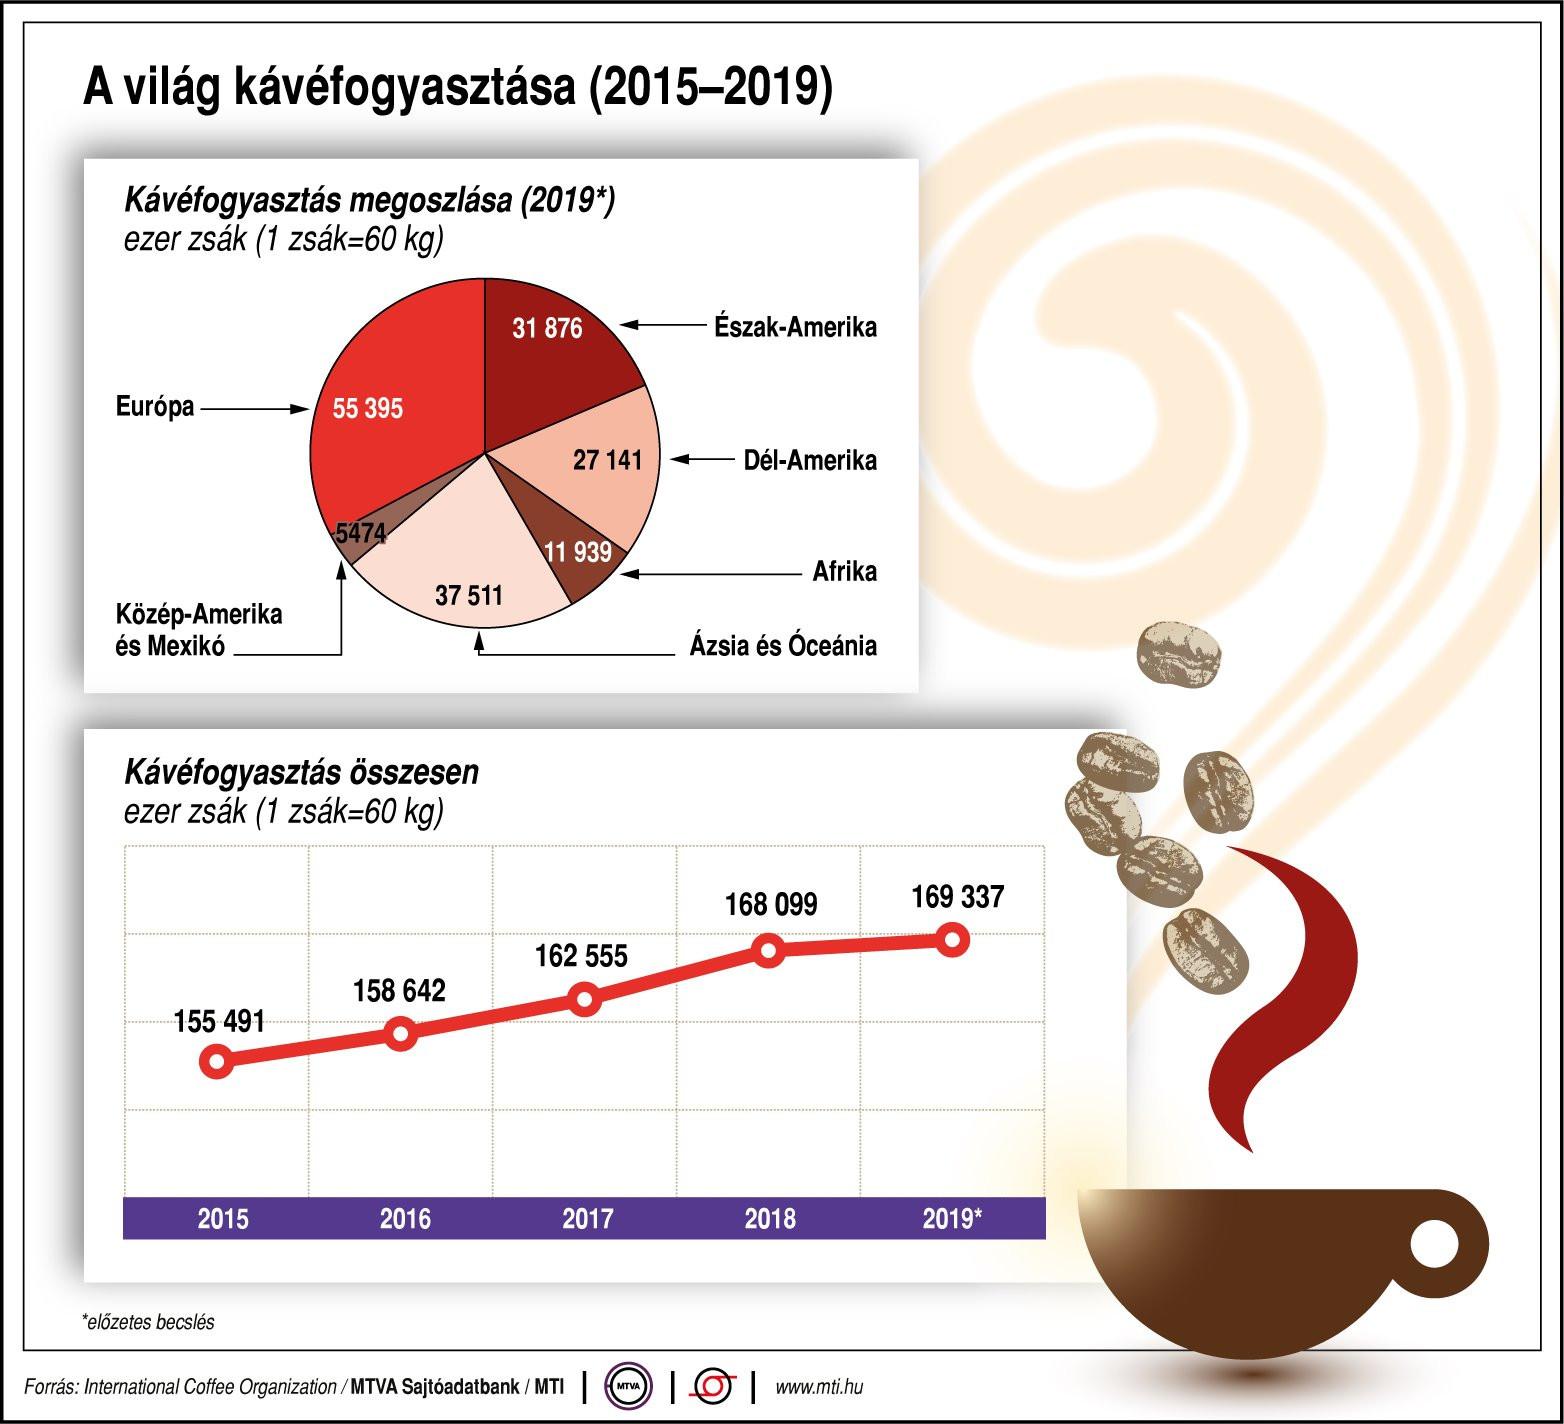 A világ kávéfogyasztása (2015-2019)